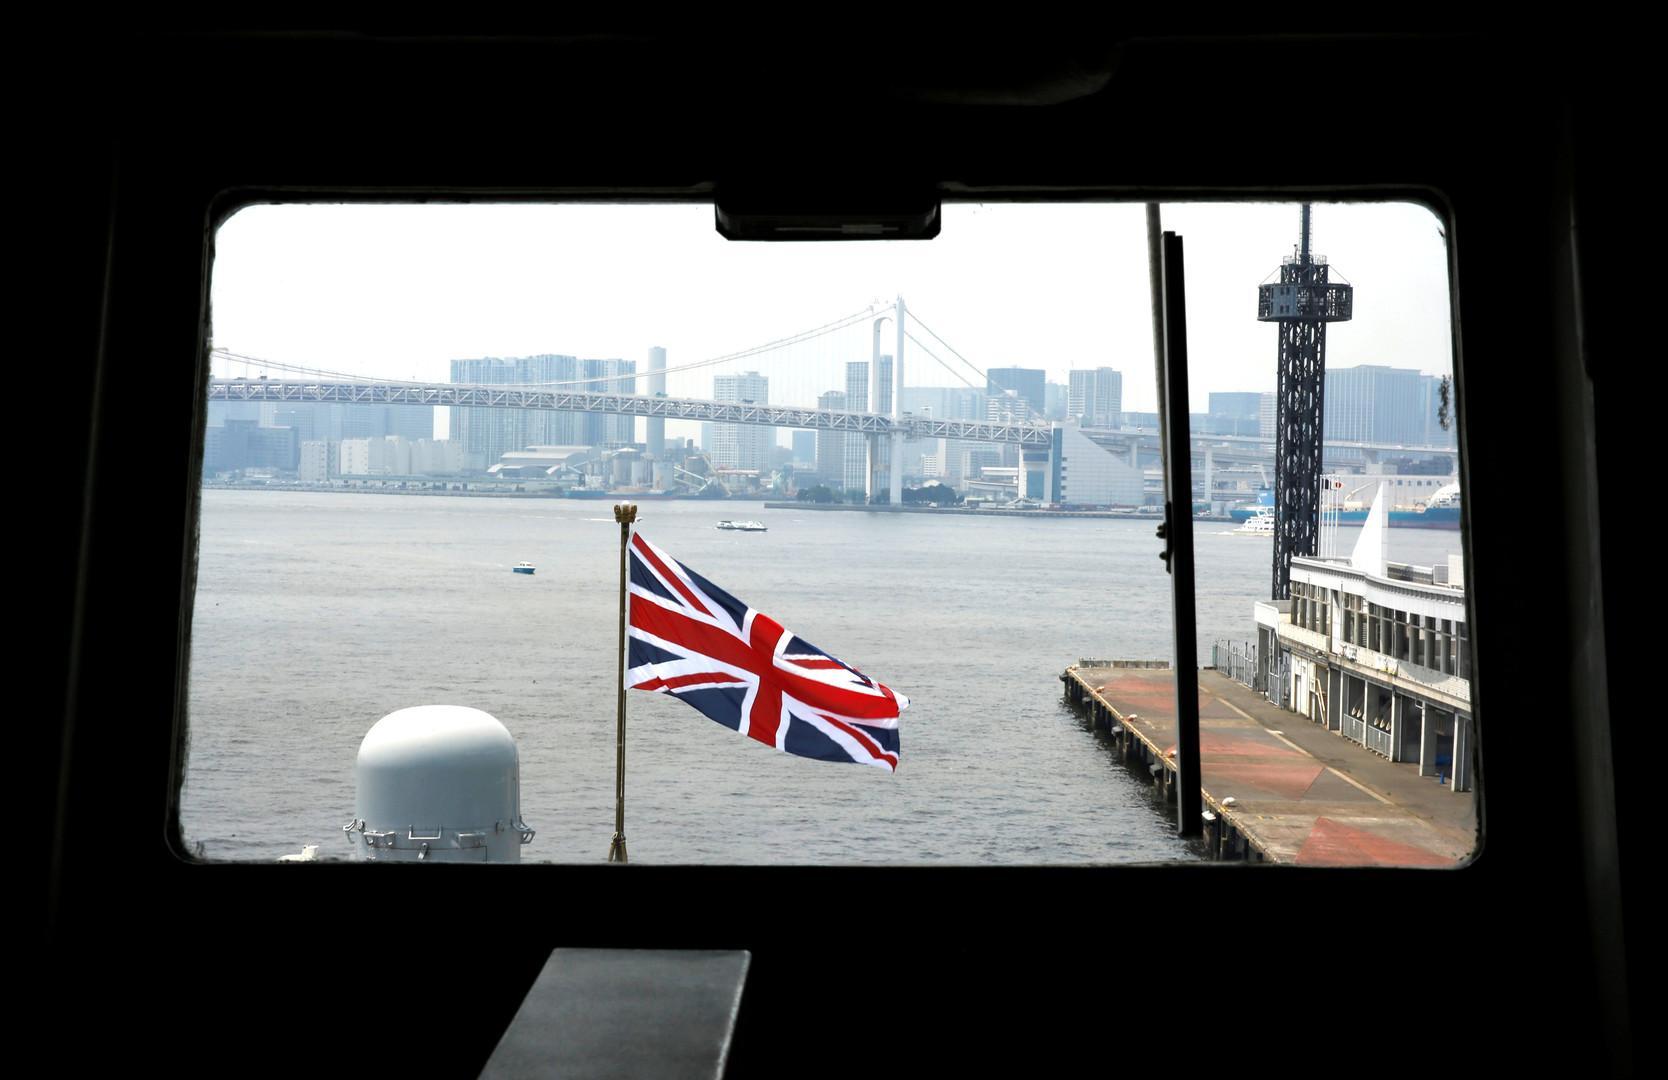 بريطانيا تنضم إلى بعثة دولية لتأمين الملاحة في الخليج بقيادة الولايات المتحدة